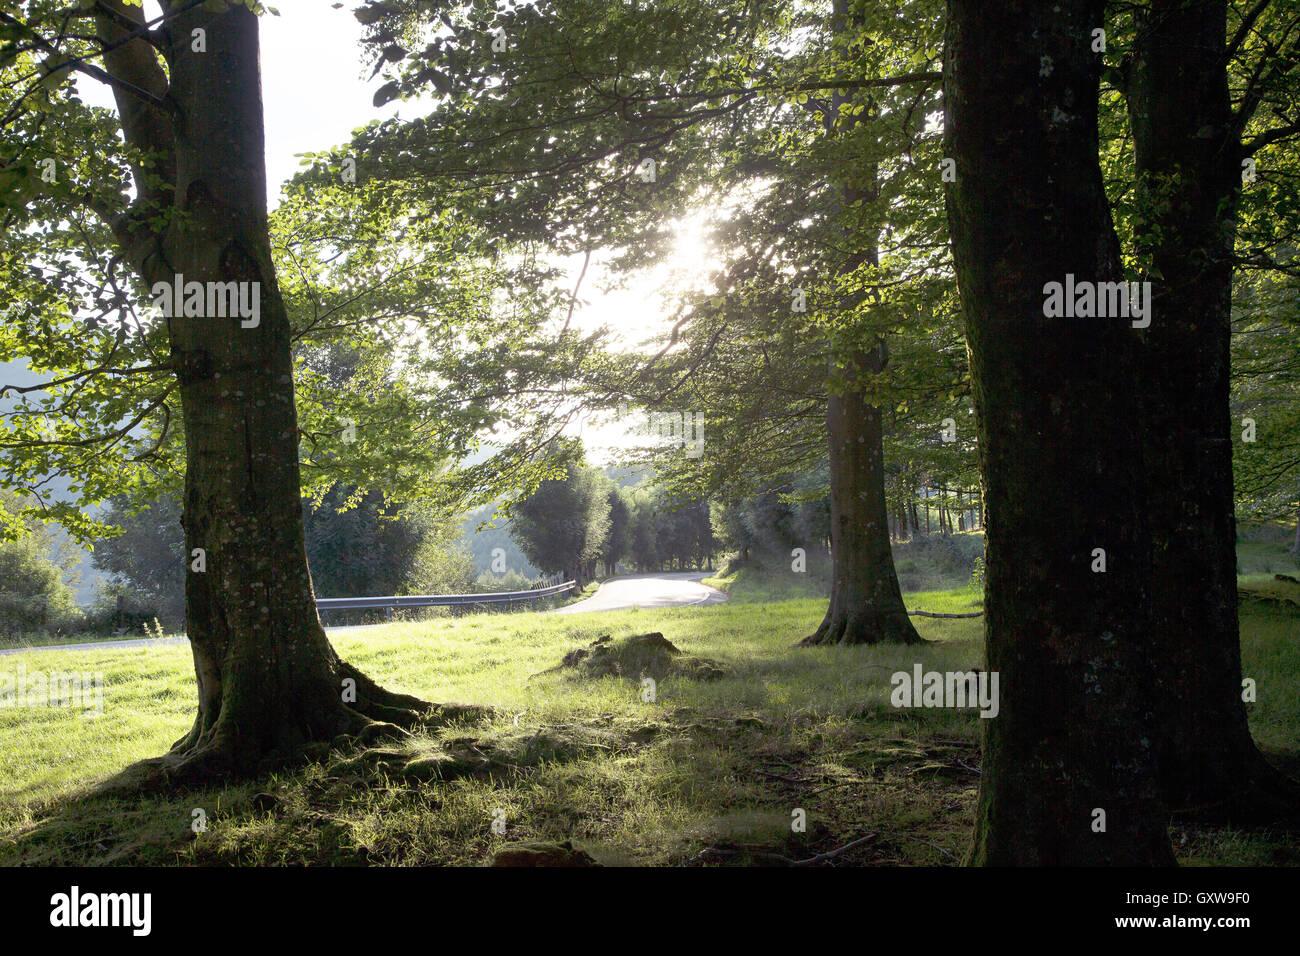 Temprano en la mañana la luz solar a través de árboles en los Pirineos. Foto de stock